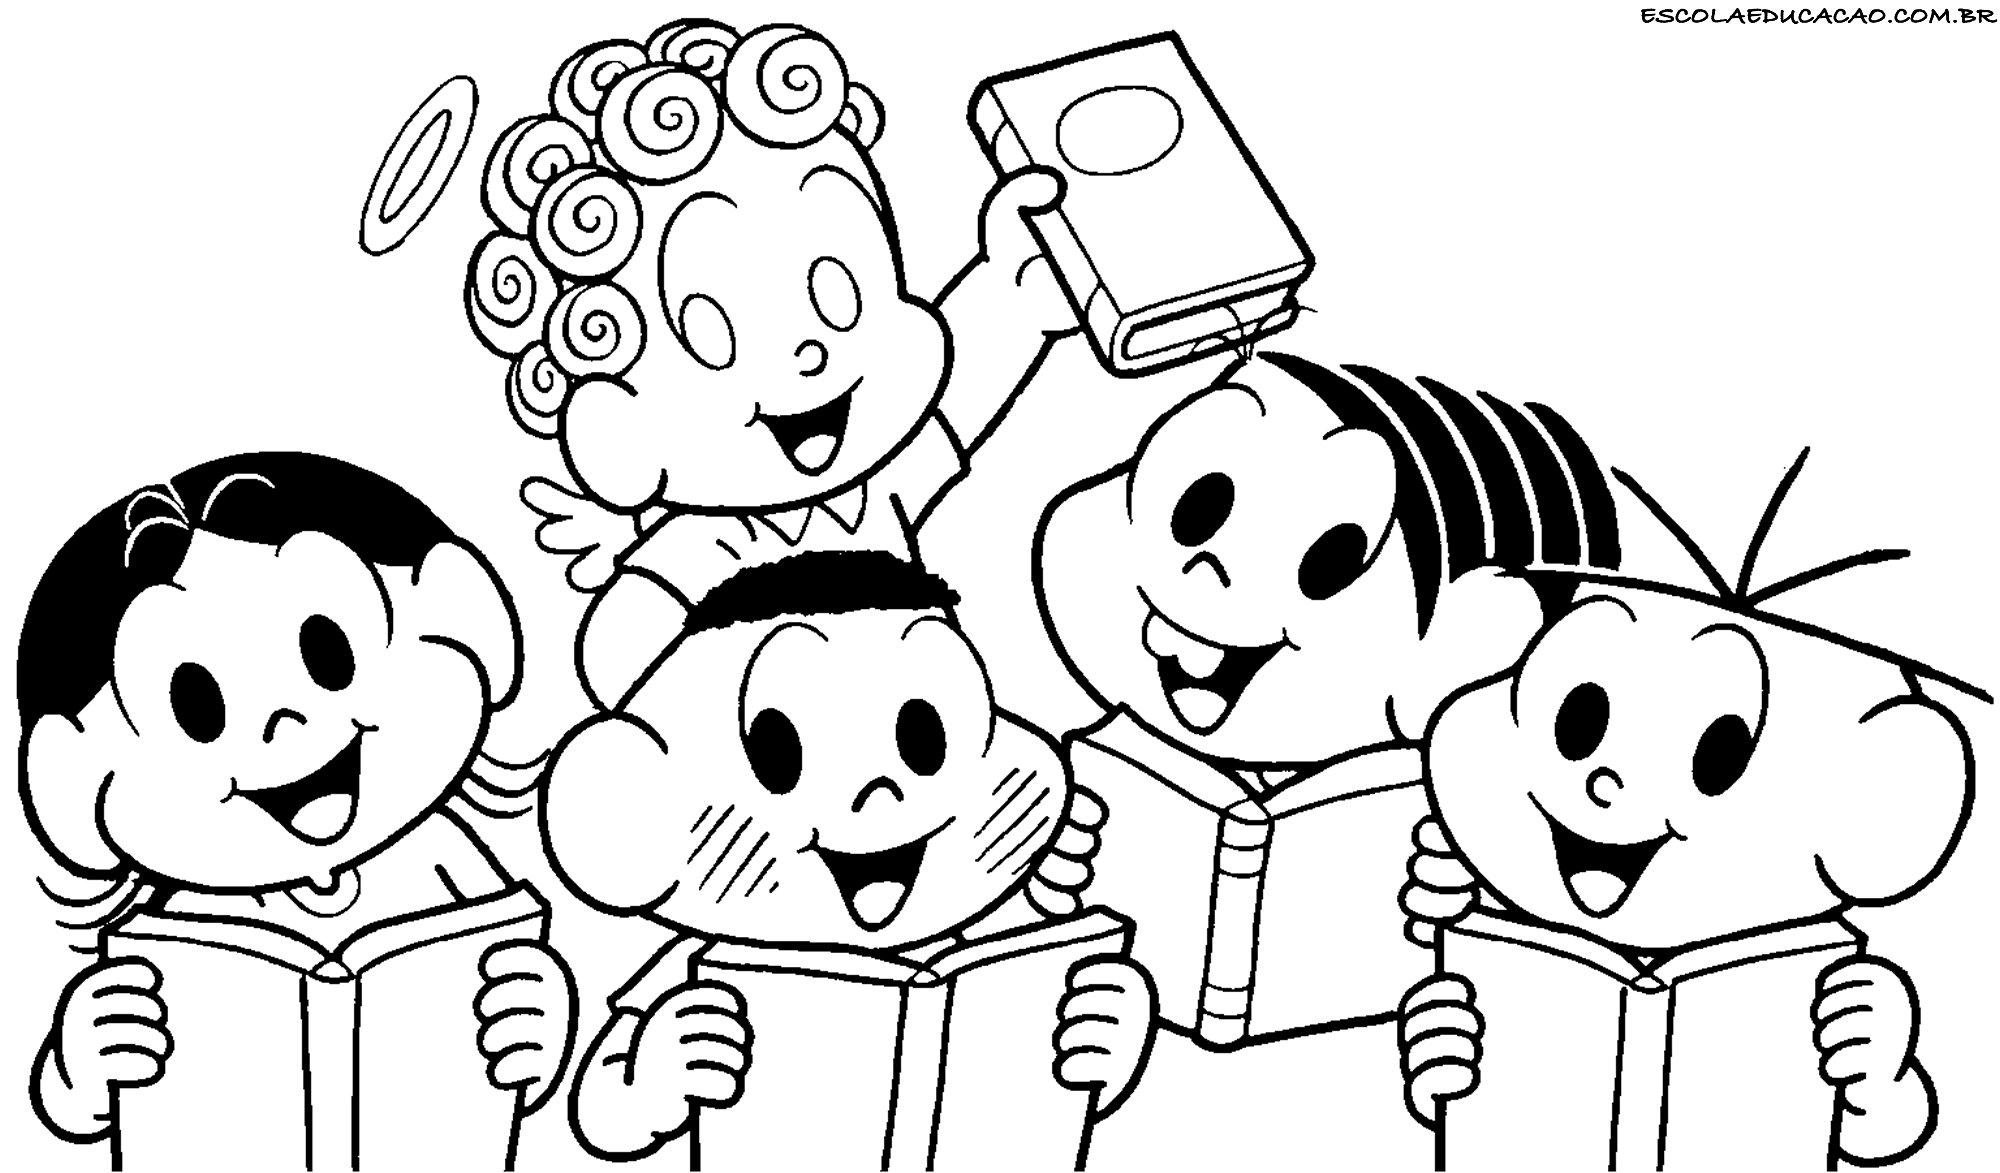 Desenhos Para Colorir E Imprimir Escola Educacao